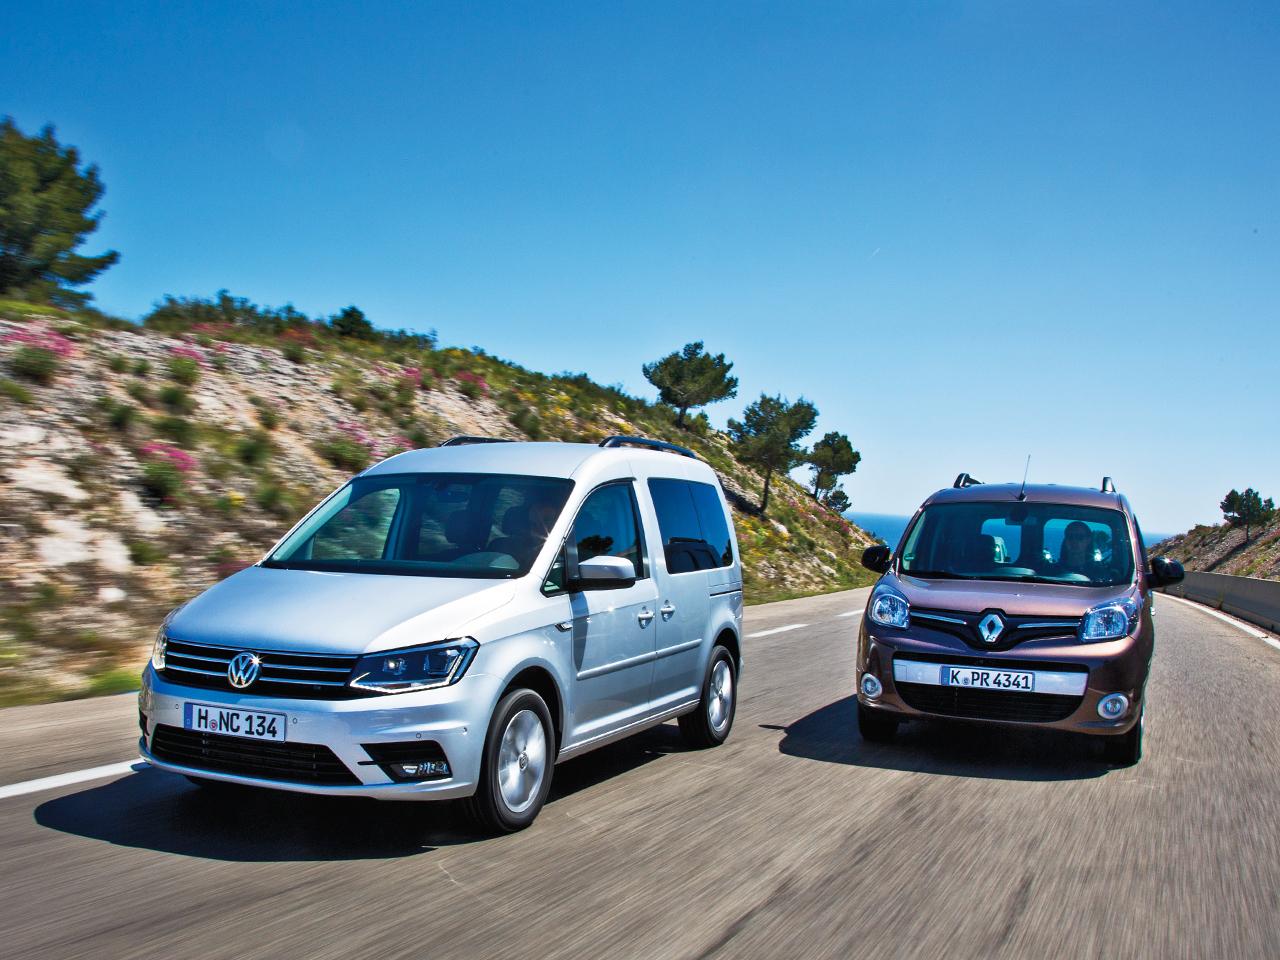 Vw Caddy Renault Kangoo Vergleichstest Autozeitung De